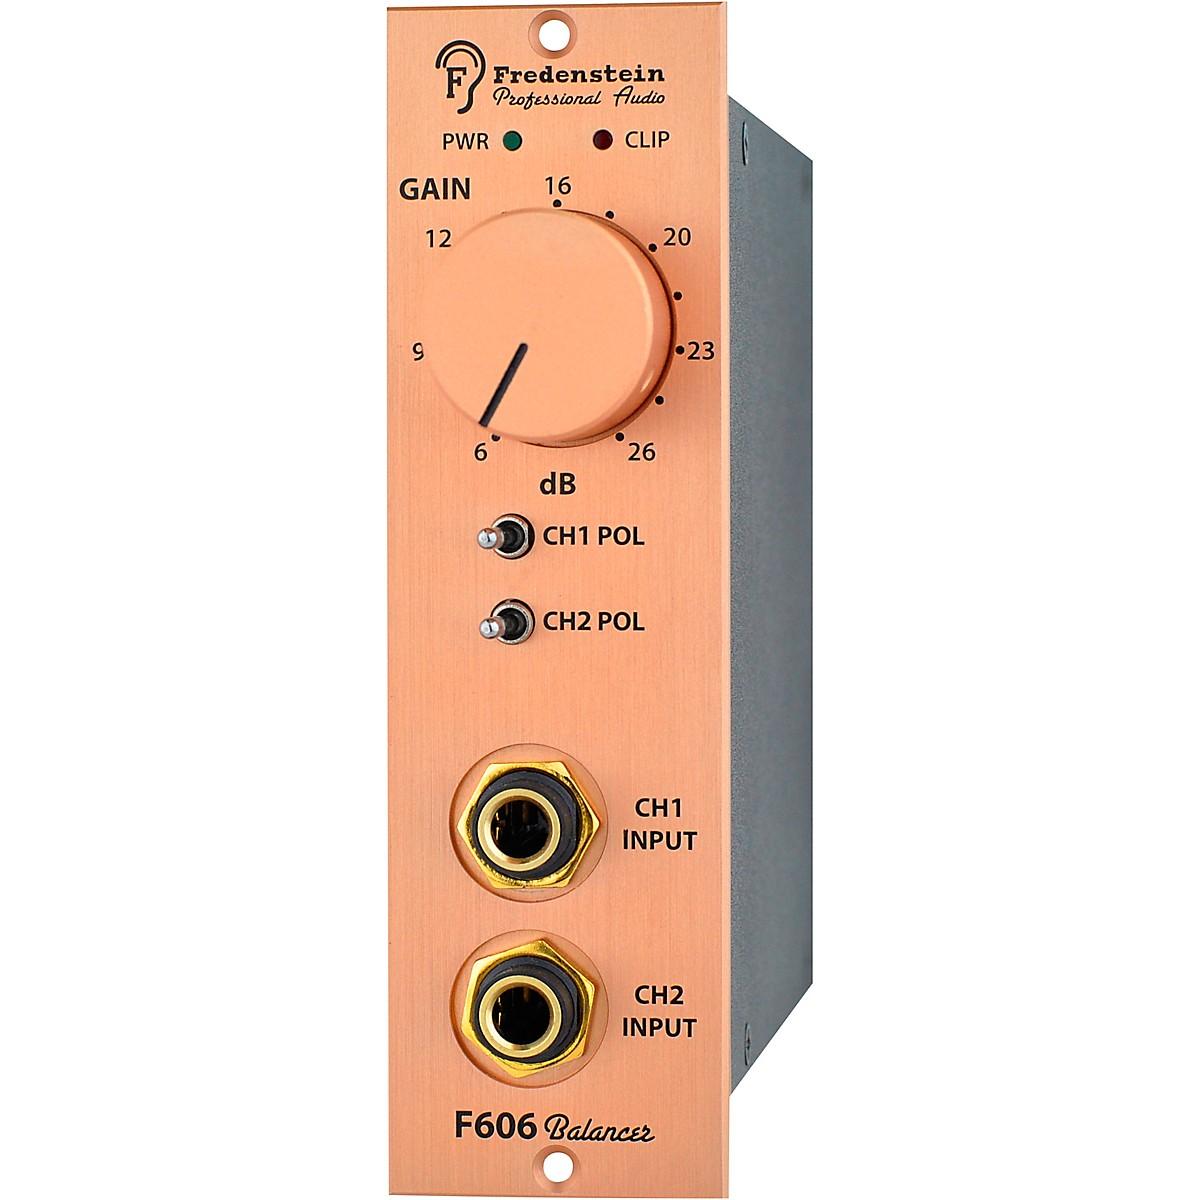 Fredenstein Professional Audio F606 Balancer